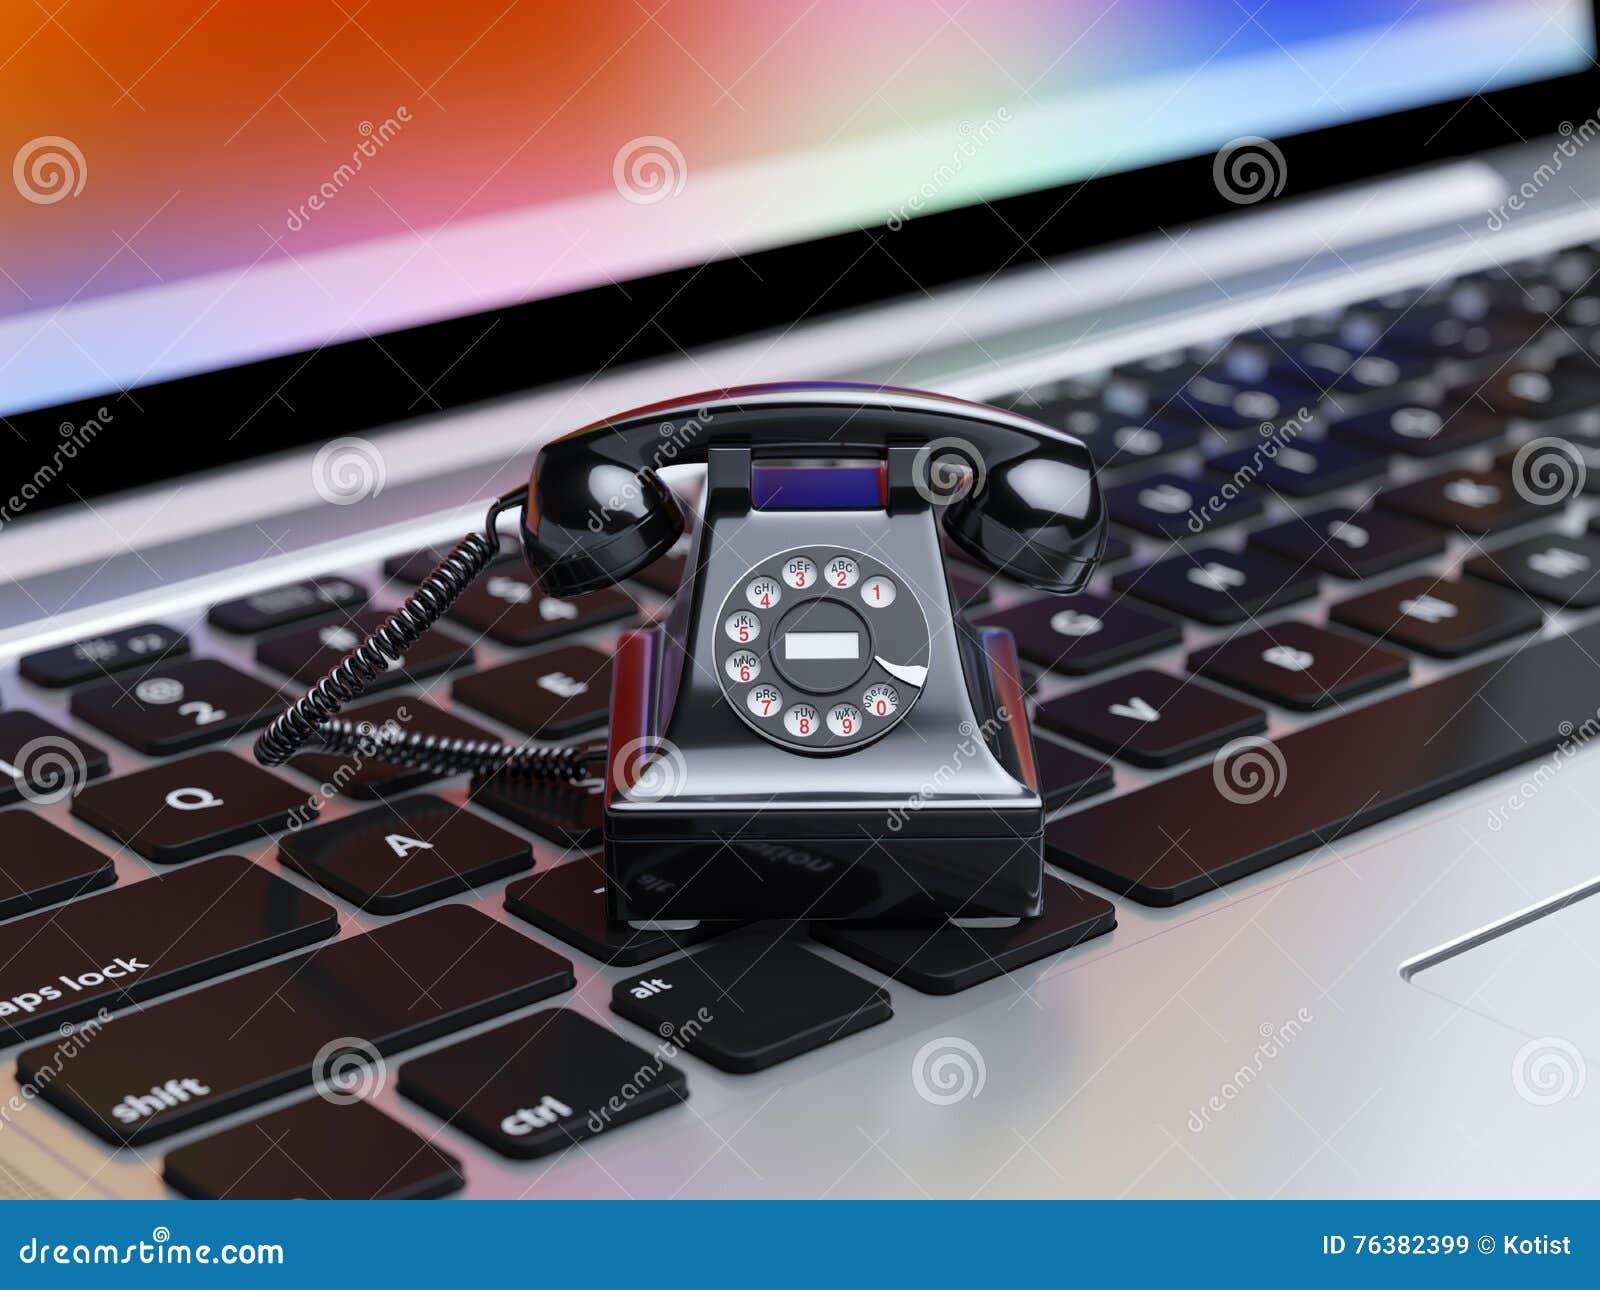 Black telephone on computer keyboard